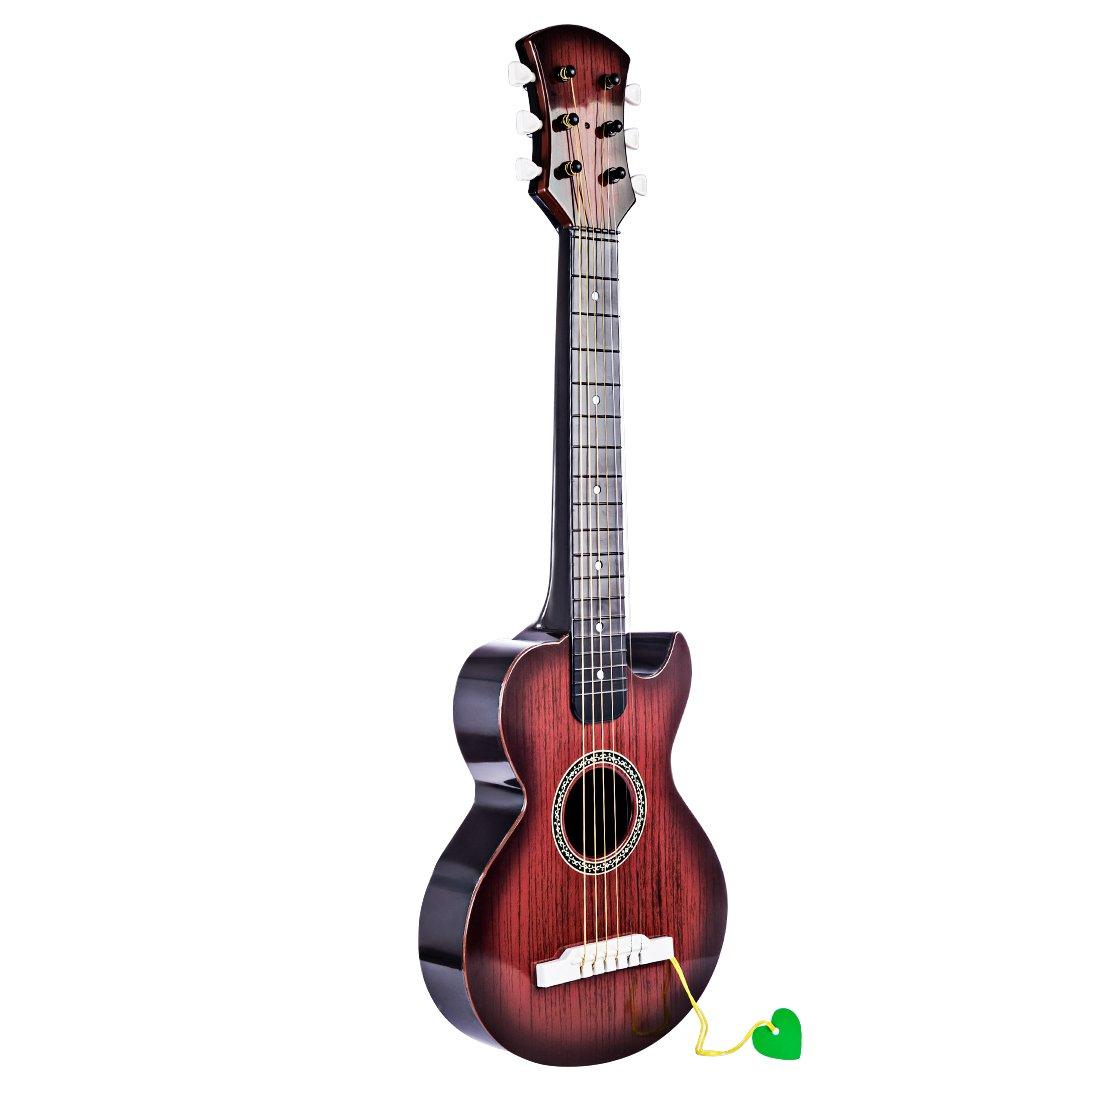 OviTop Guitare Enfant 6 Cordes Métallique Réelles Instrument de Musique Cadeau Idéal Offert à Enfants Débutant pour Anniversaire, Noël, Fête